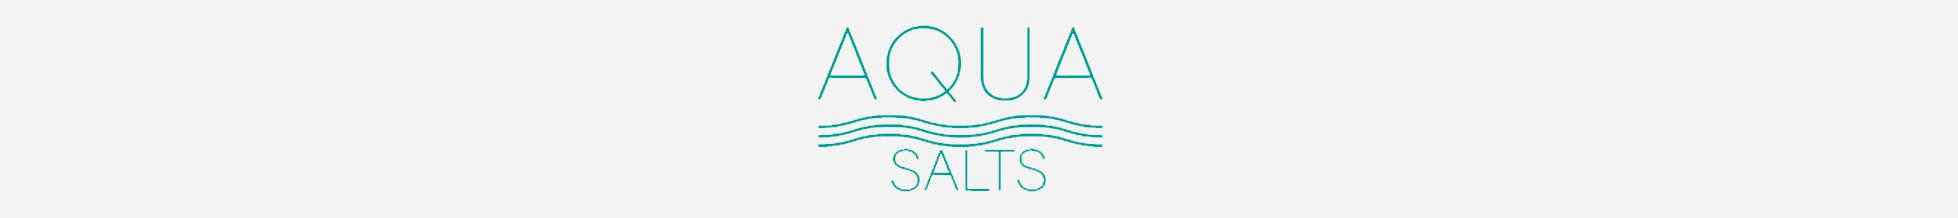 aqua-salts.jpg